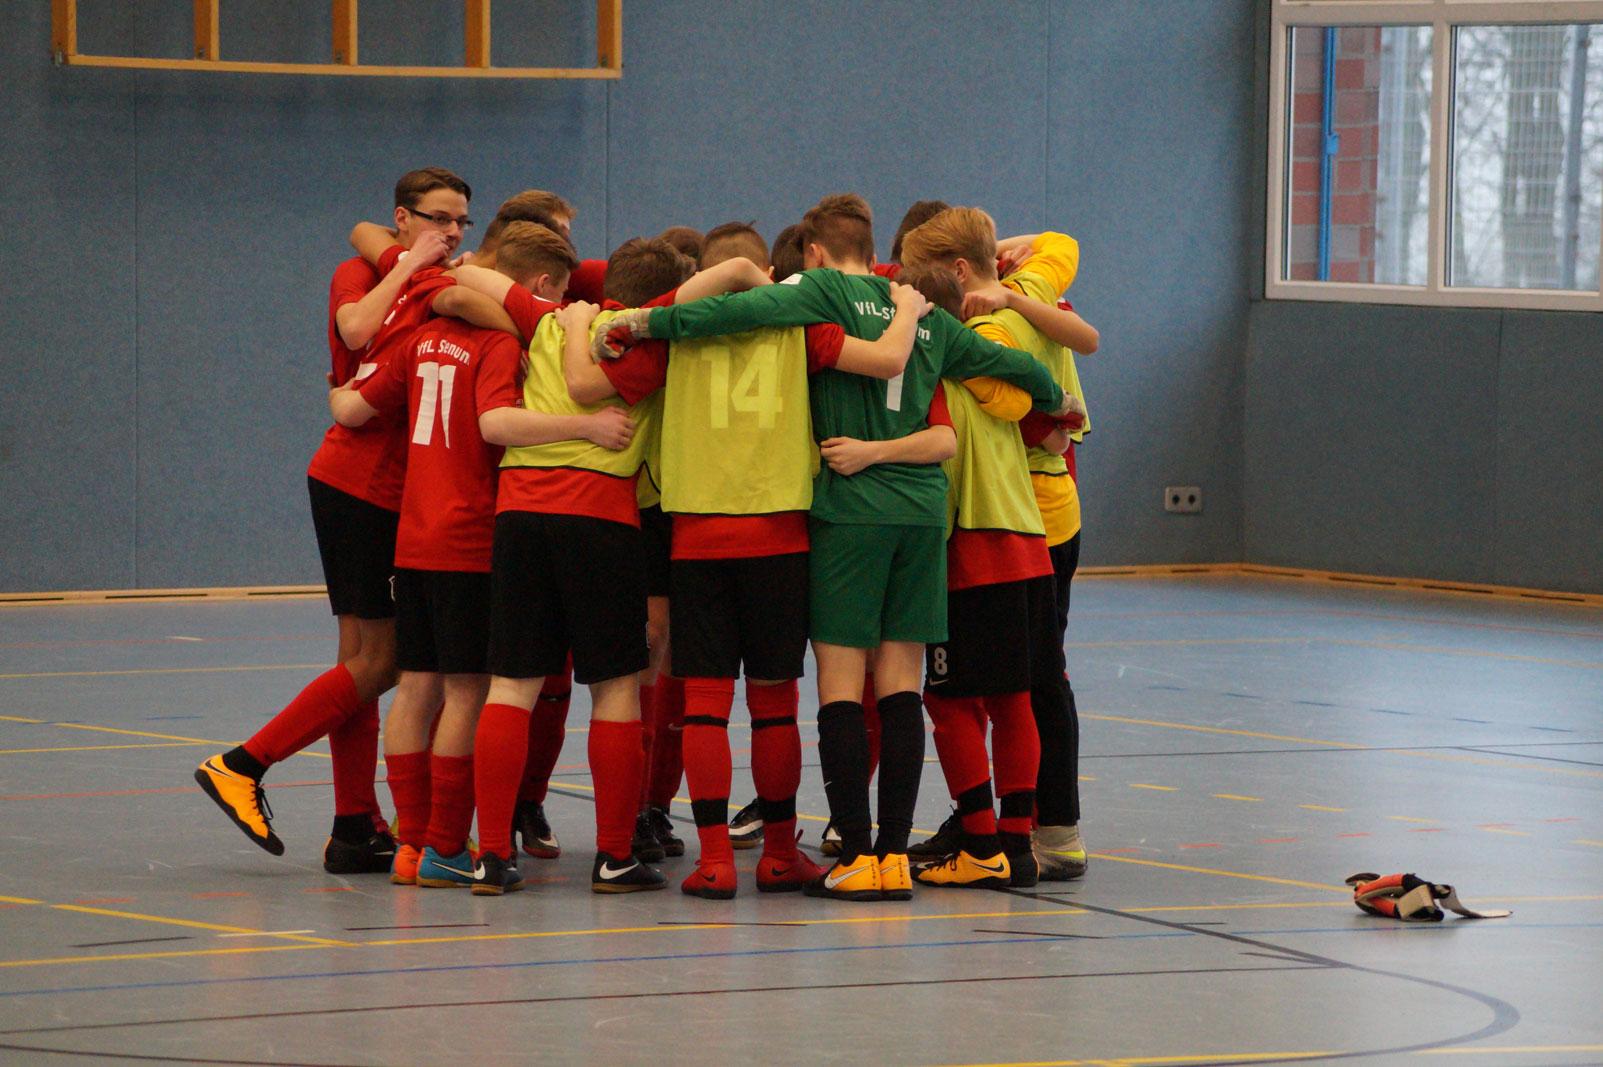 Die VfL Stenum C1 bereitet sich auf ihr drittes Spiel bei der Niedersachsen-Meisterschaft 2018 vor.